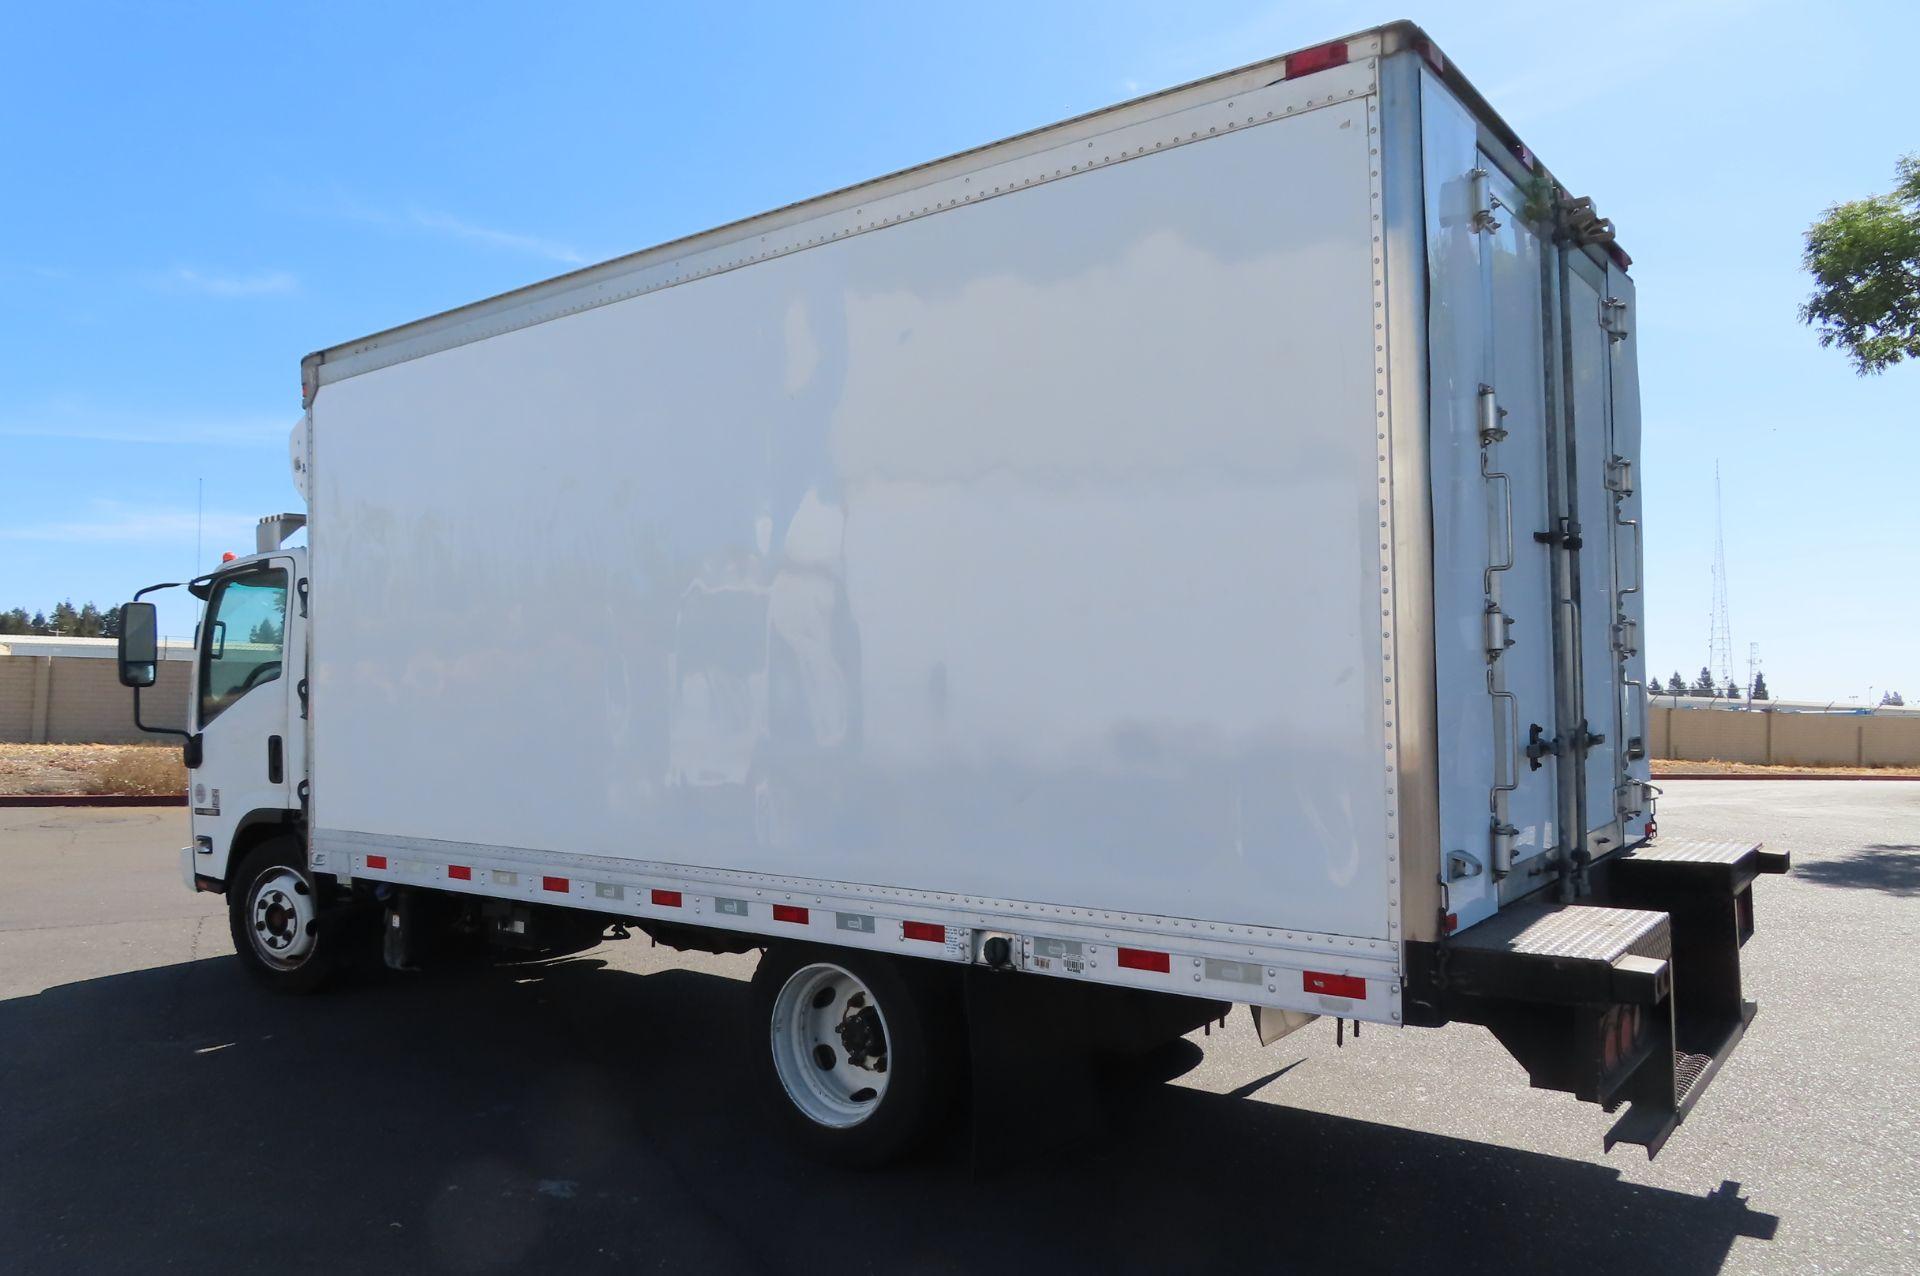 2012 Isuzu refrigerated truck - Image 3 of 10